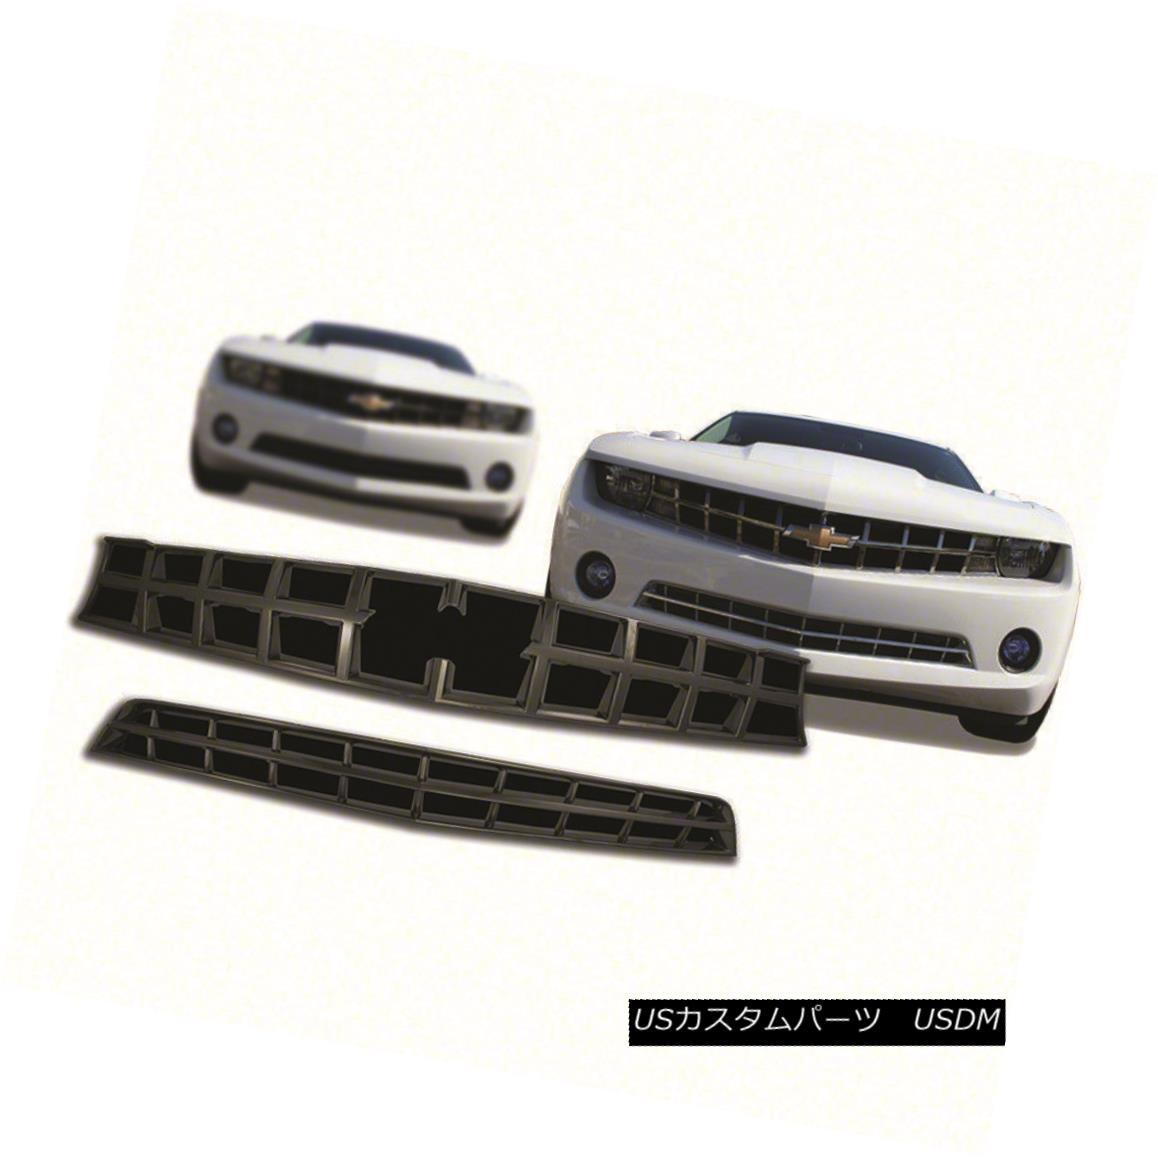 グリル Fits 2010-13 Chevrolet Camaro-2pc Black Chrome Grille Overlay-IWCGI86BC フィット2010年?13年シボレーカマロ2pcブラッククロームグリルオーバーレイ-IWCGI8 6BC